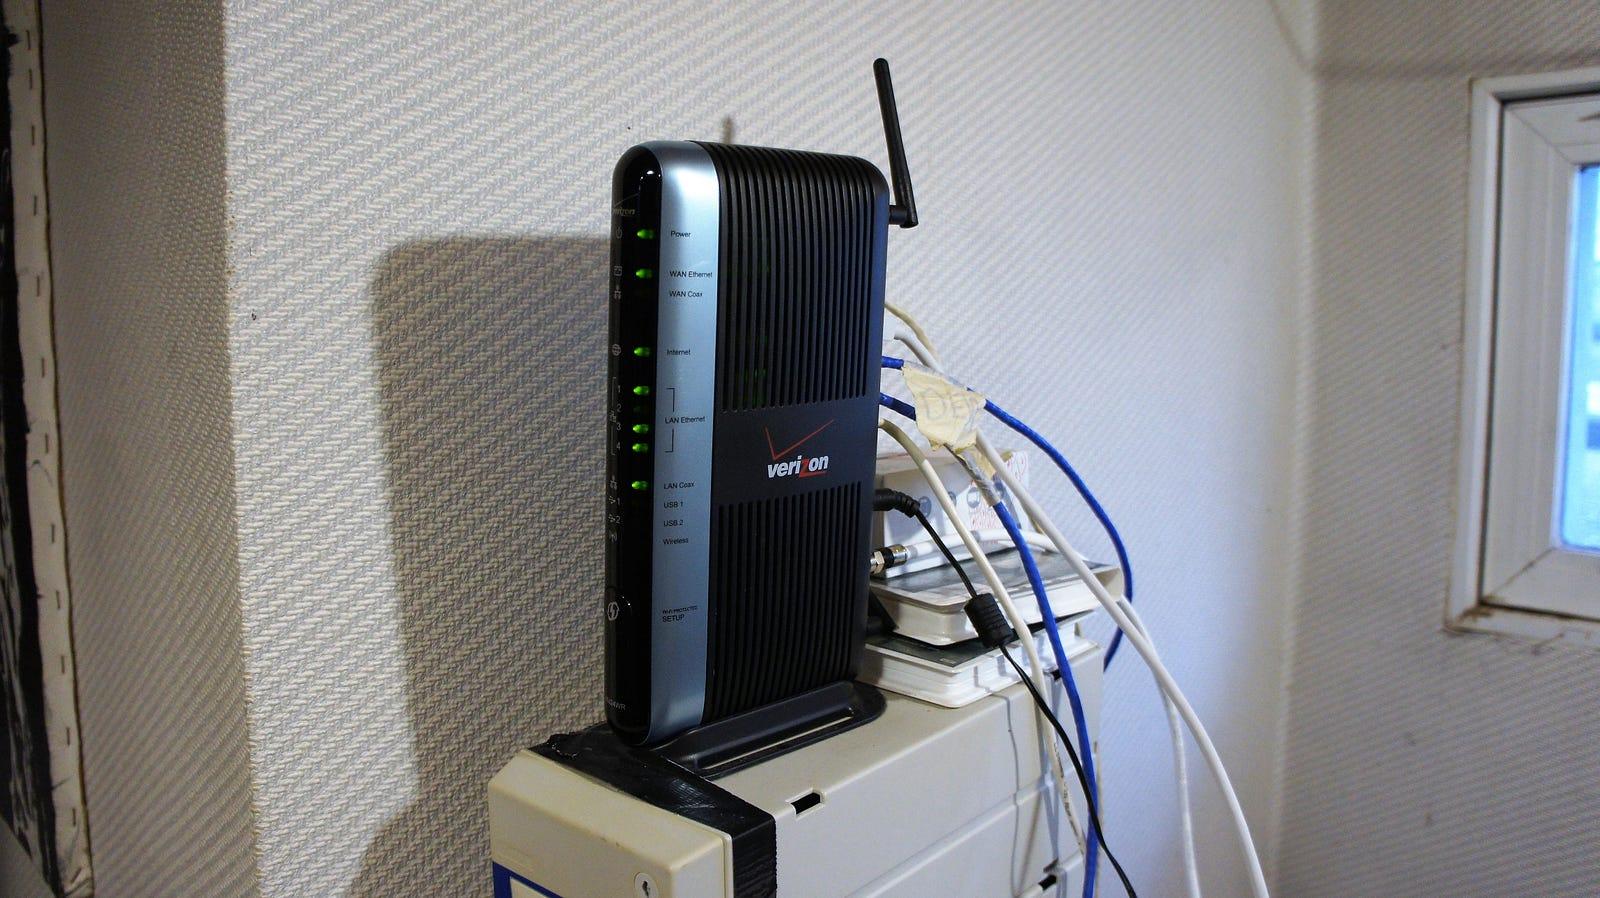 Verizon Fios Connection Diagram On Verizon Fios Tv Wiring Diagrams